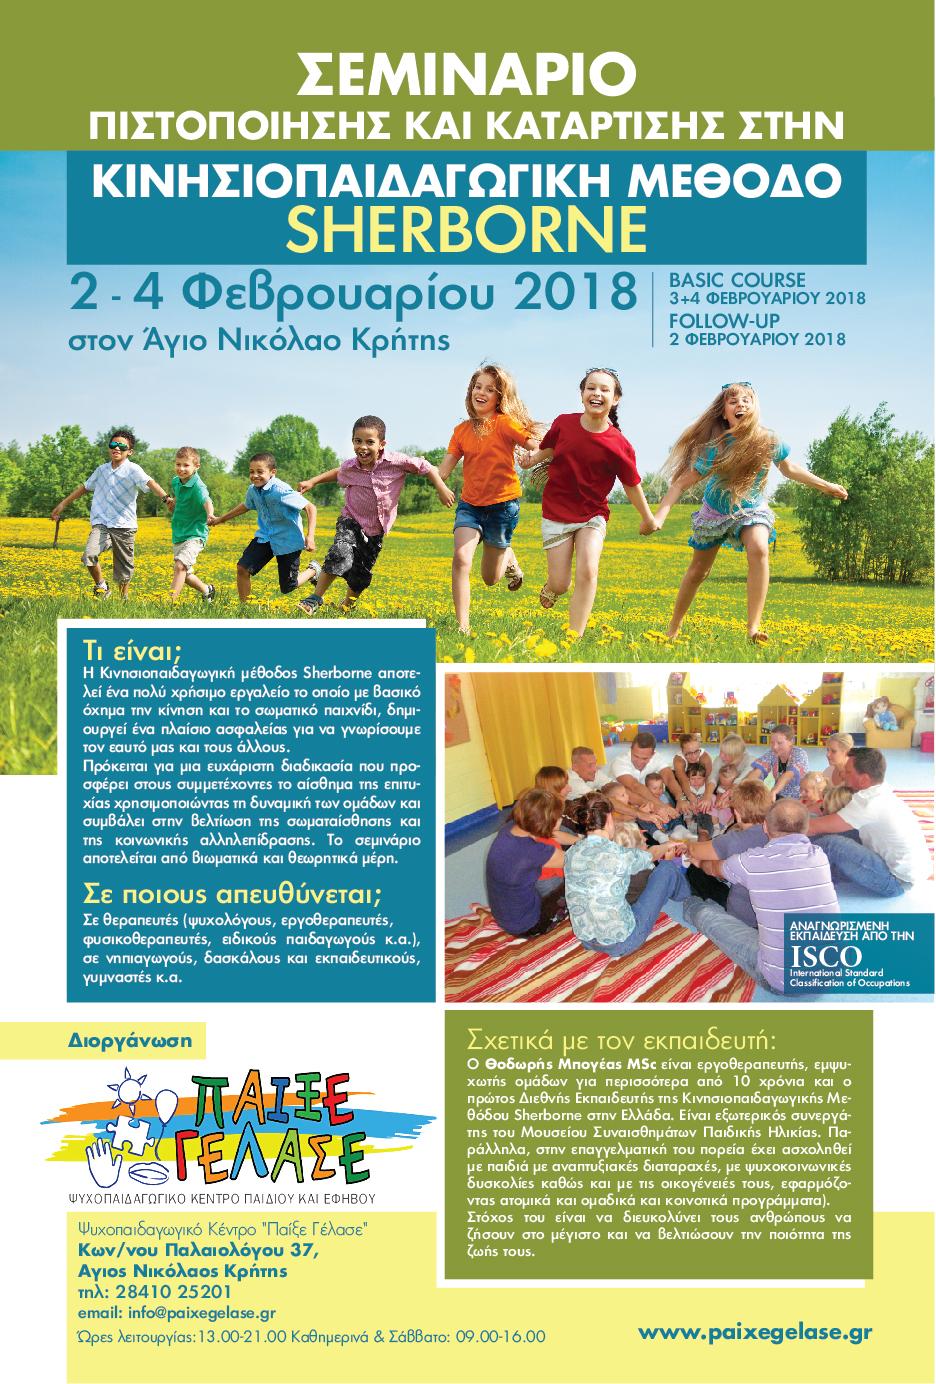 Σεμινάριο στην Κινησιοπαιδαγωγική Μέθοδο Sherborne από το Ψυχοπαιδαγωγικό Κέντρο Παιδιού και Εφήβου Παίξε Γέλασε.